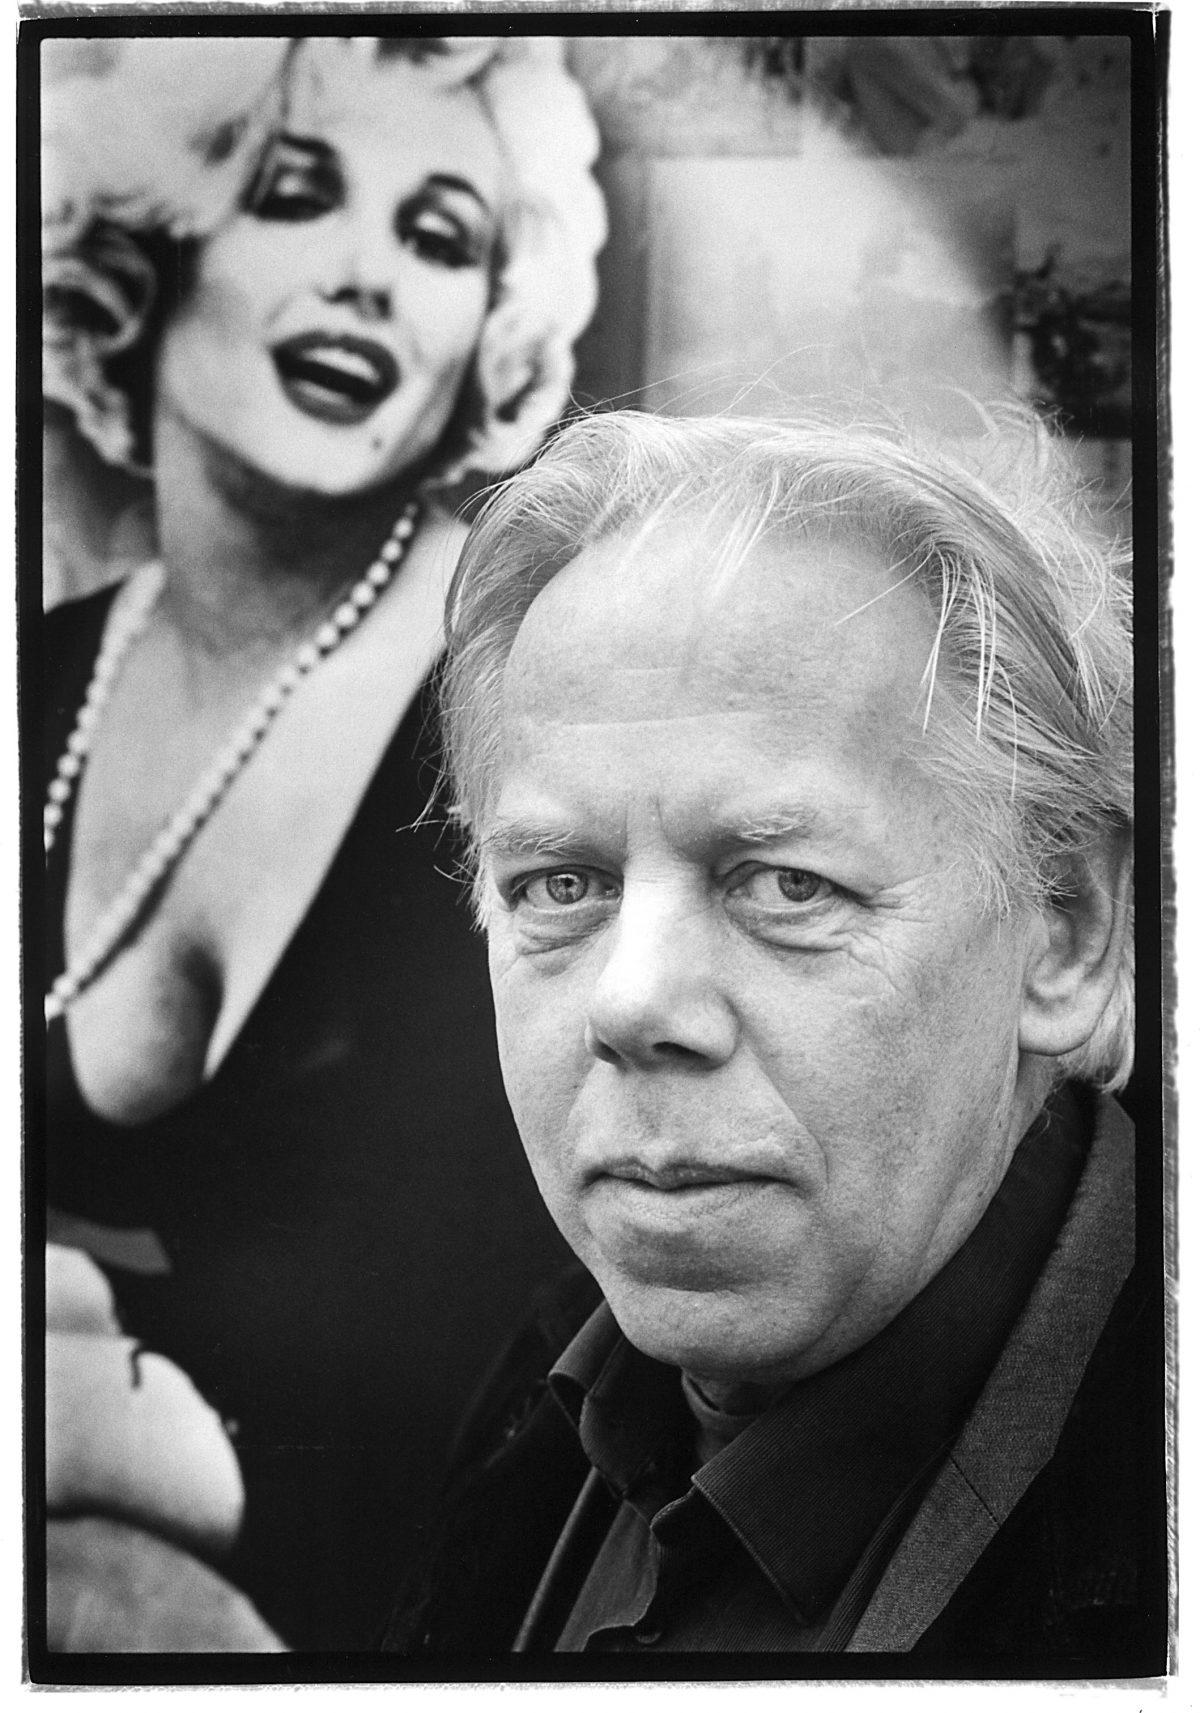 Filmjournalist en mede-oprichter KNF Peter van Bueren (78) overleden